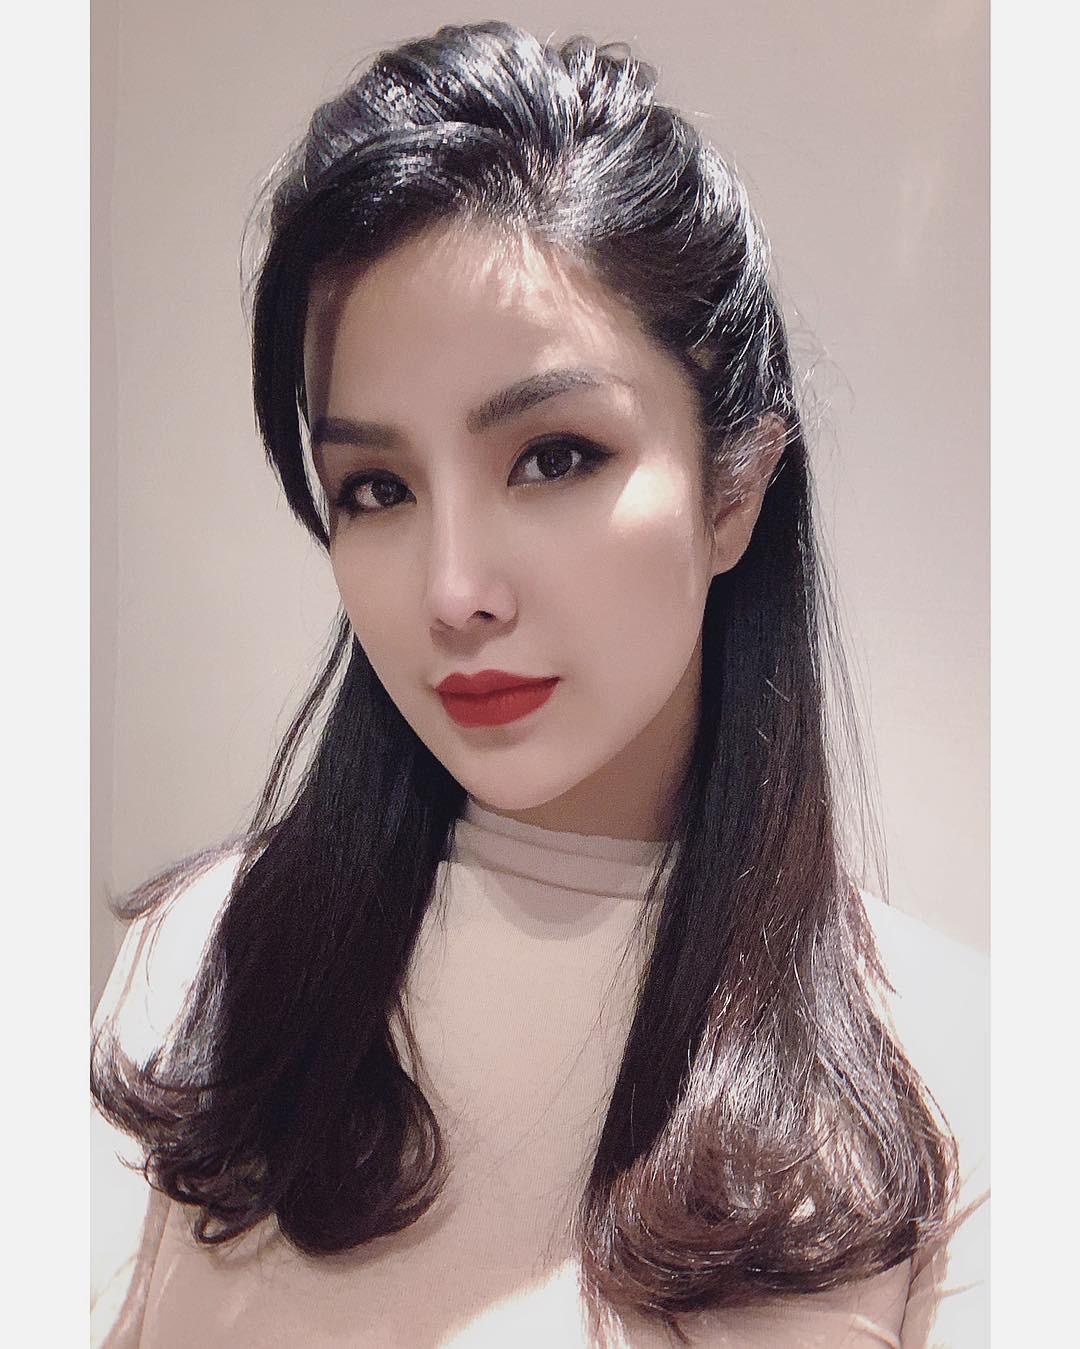 Diệp Lâm Anh: Bầu bí lần 2 mà da đẹp mặt xinh, còn tự tin khoe mặt mộc để review mỹ phẩm và hướng dẫn skincare - Ảnh 1.